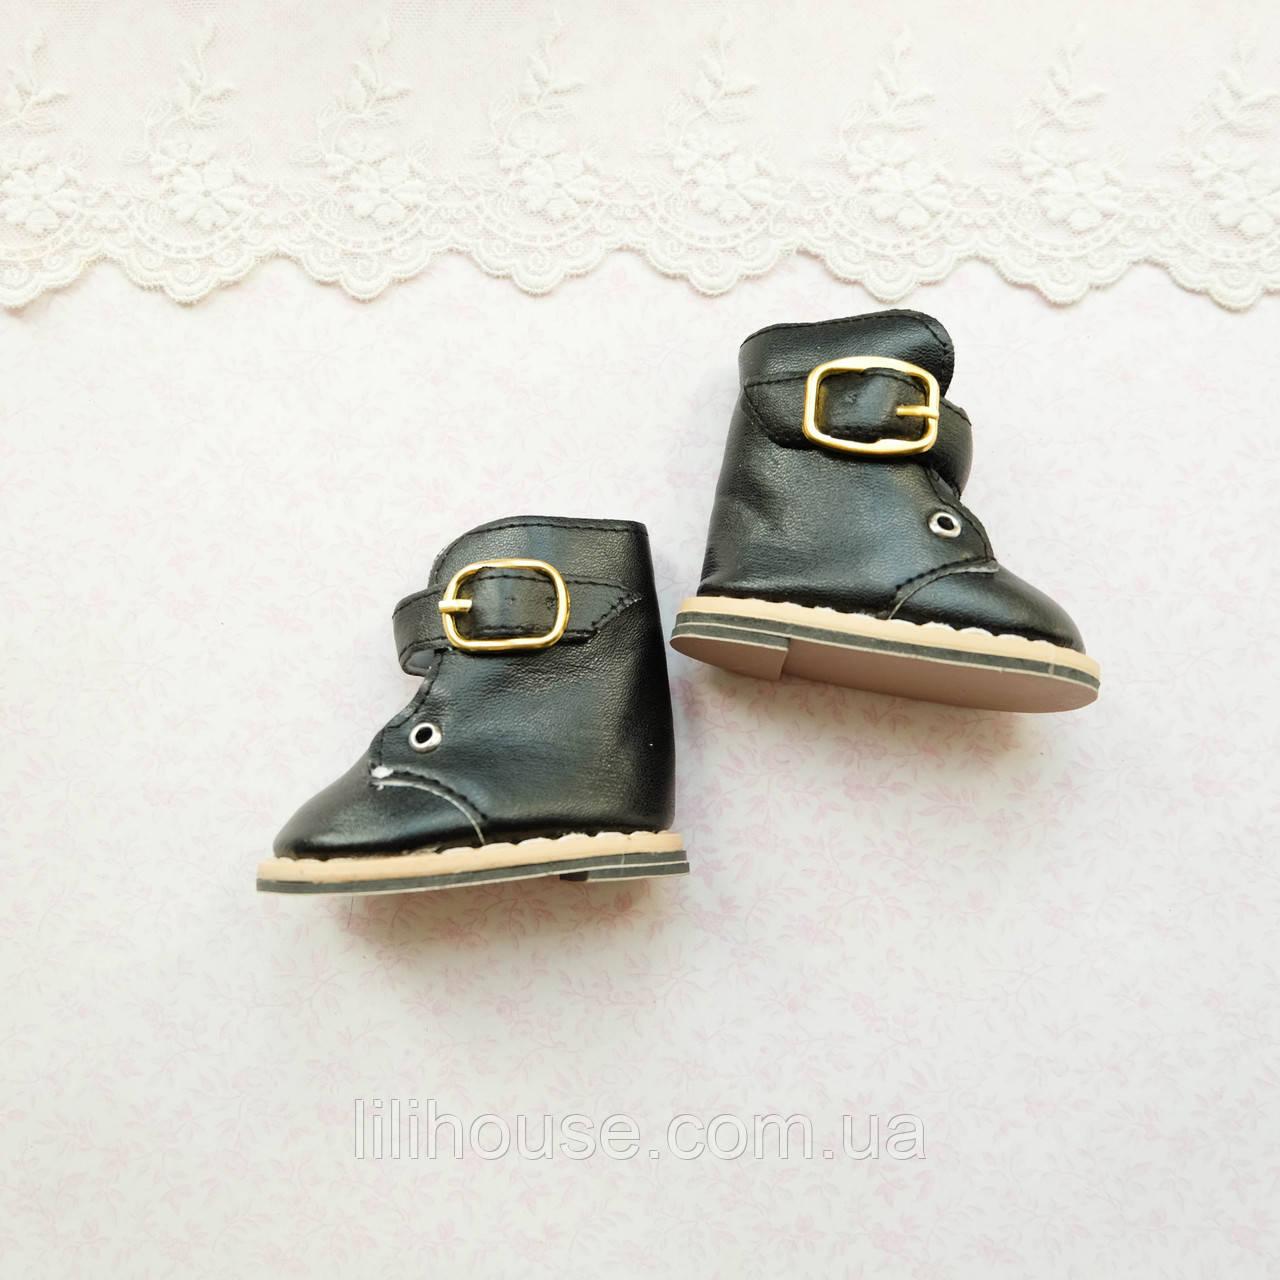 Обувь для кукол Сапожки на Застежке 7.5*4 см ЧЕРНЫЕ